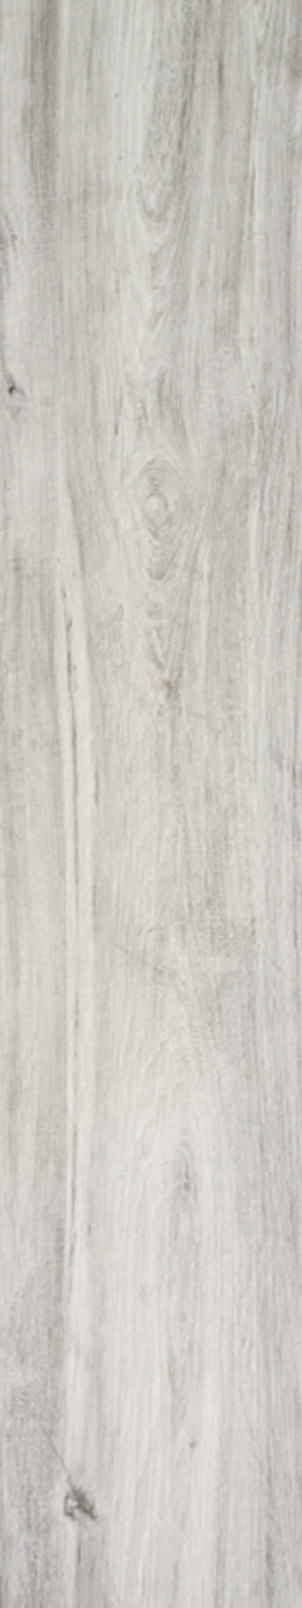 Cypress Mist 9 X 48